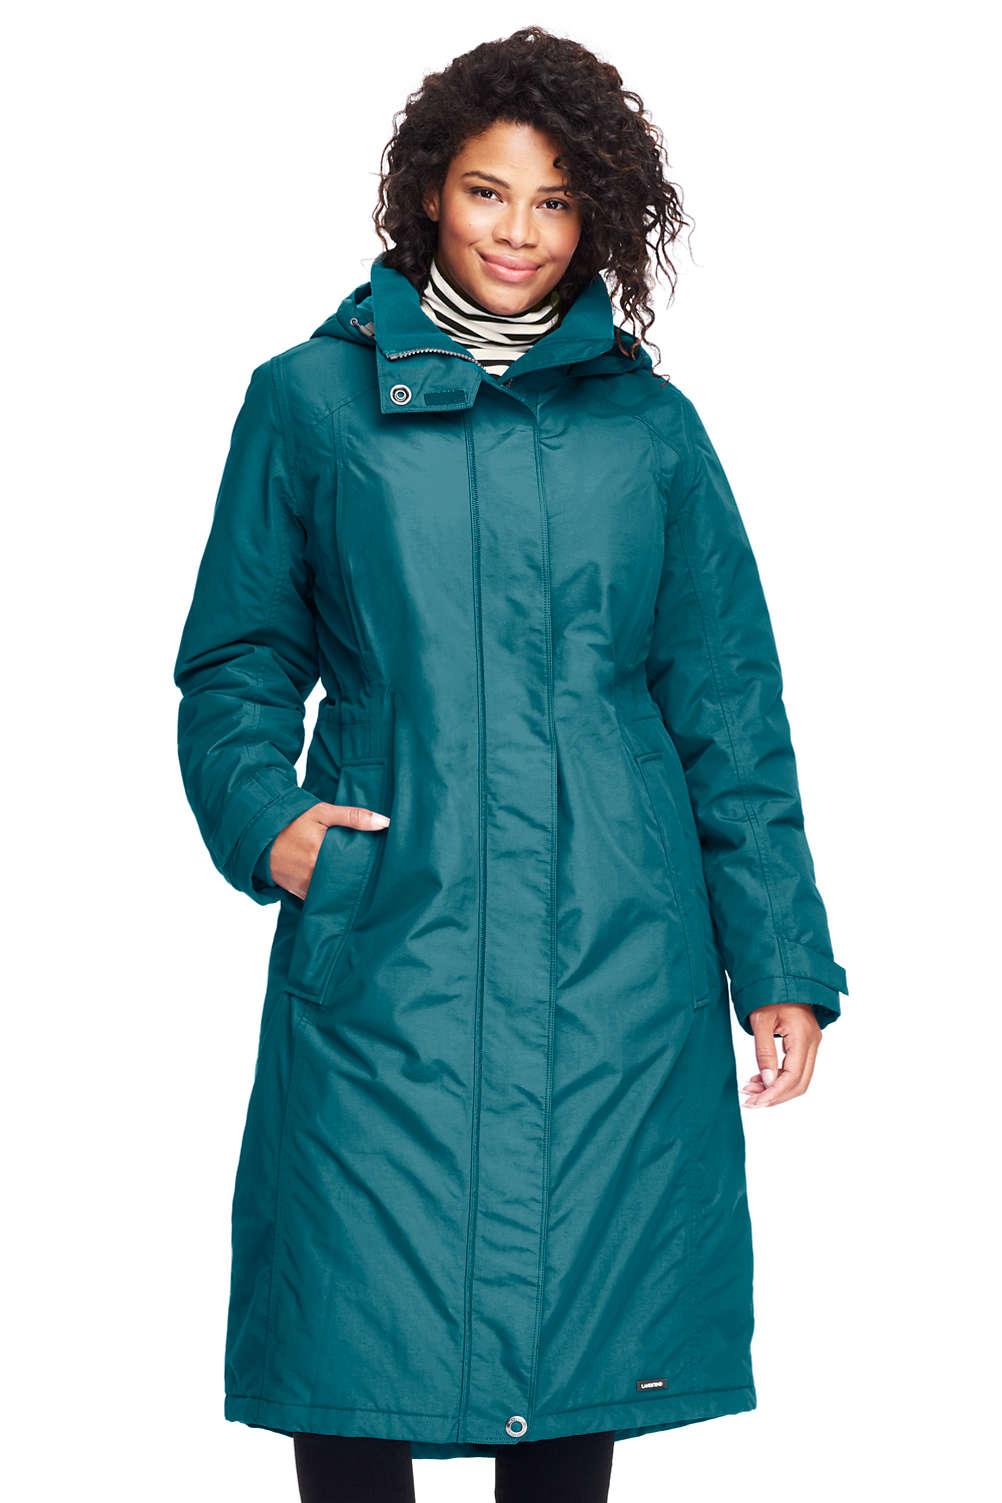 a205835aec3 Women s Plus Size Petite Stadium Squall Long Coat